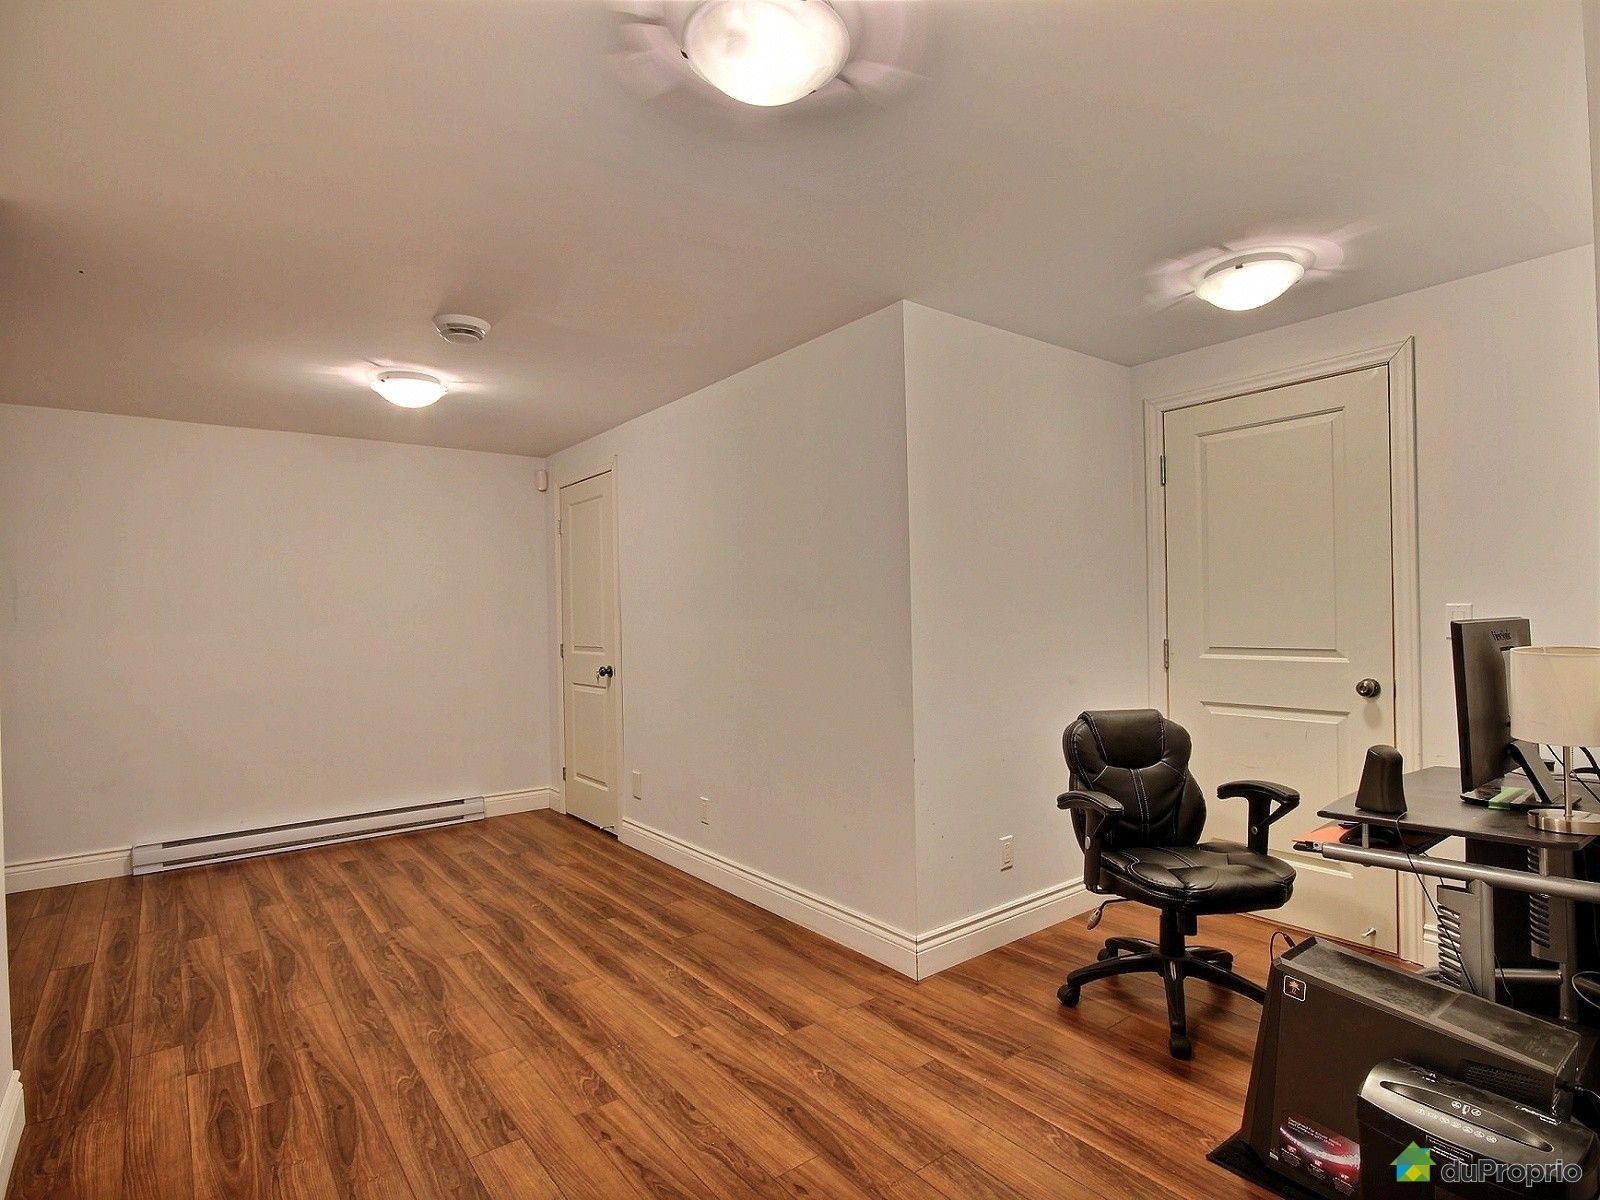 bi g n ration vendu lavaltrie immobilier qu bec duproprio 585700. Black Bedroom Furniture Sets. Home Design Ideas